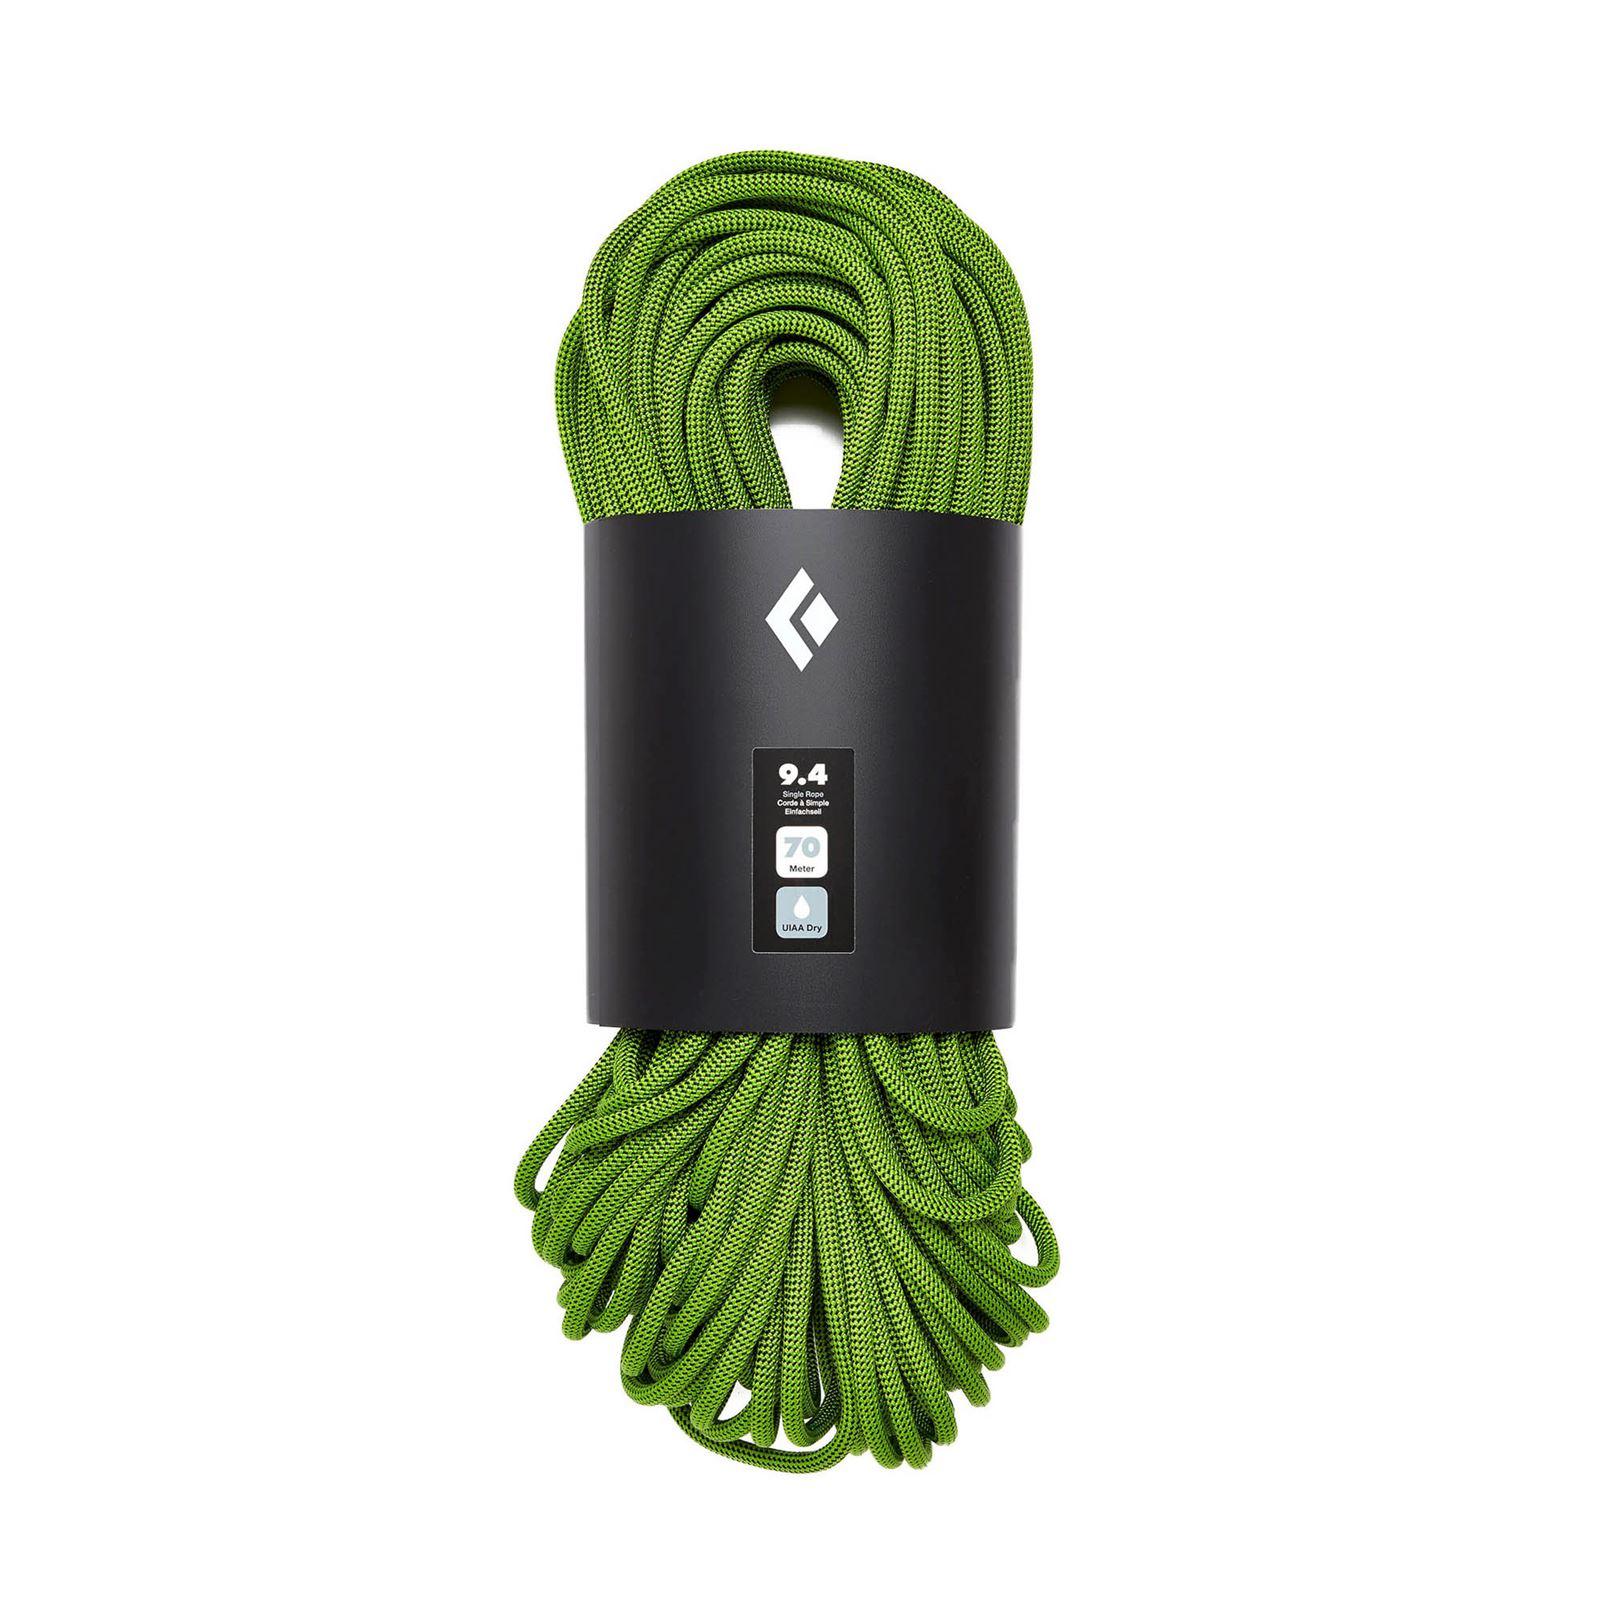 9.4 Rope - 70m